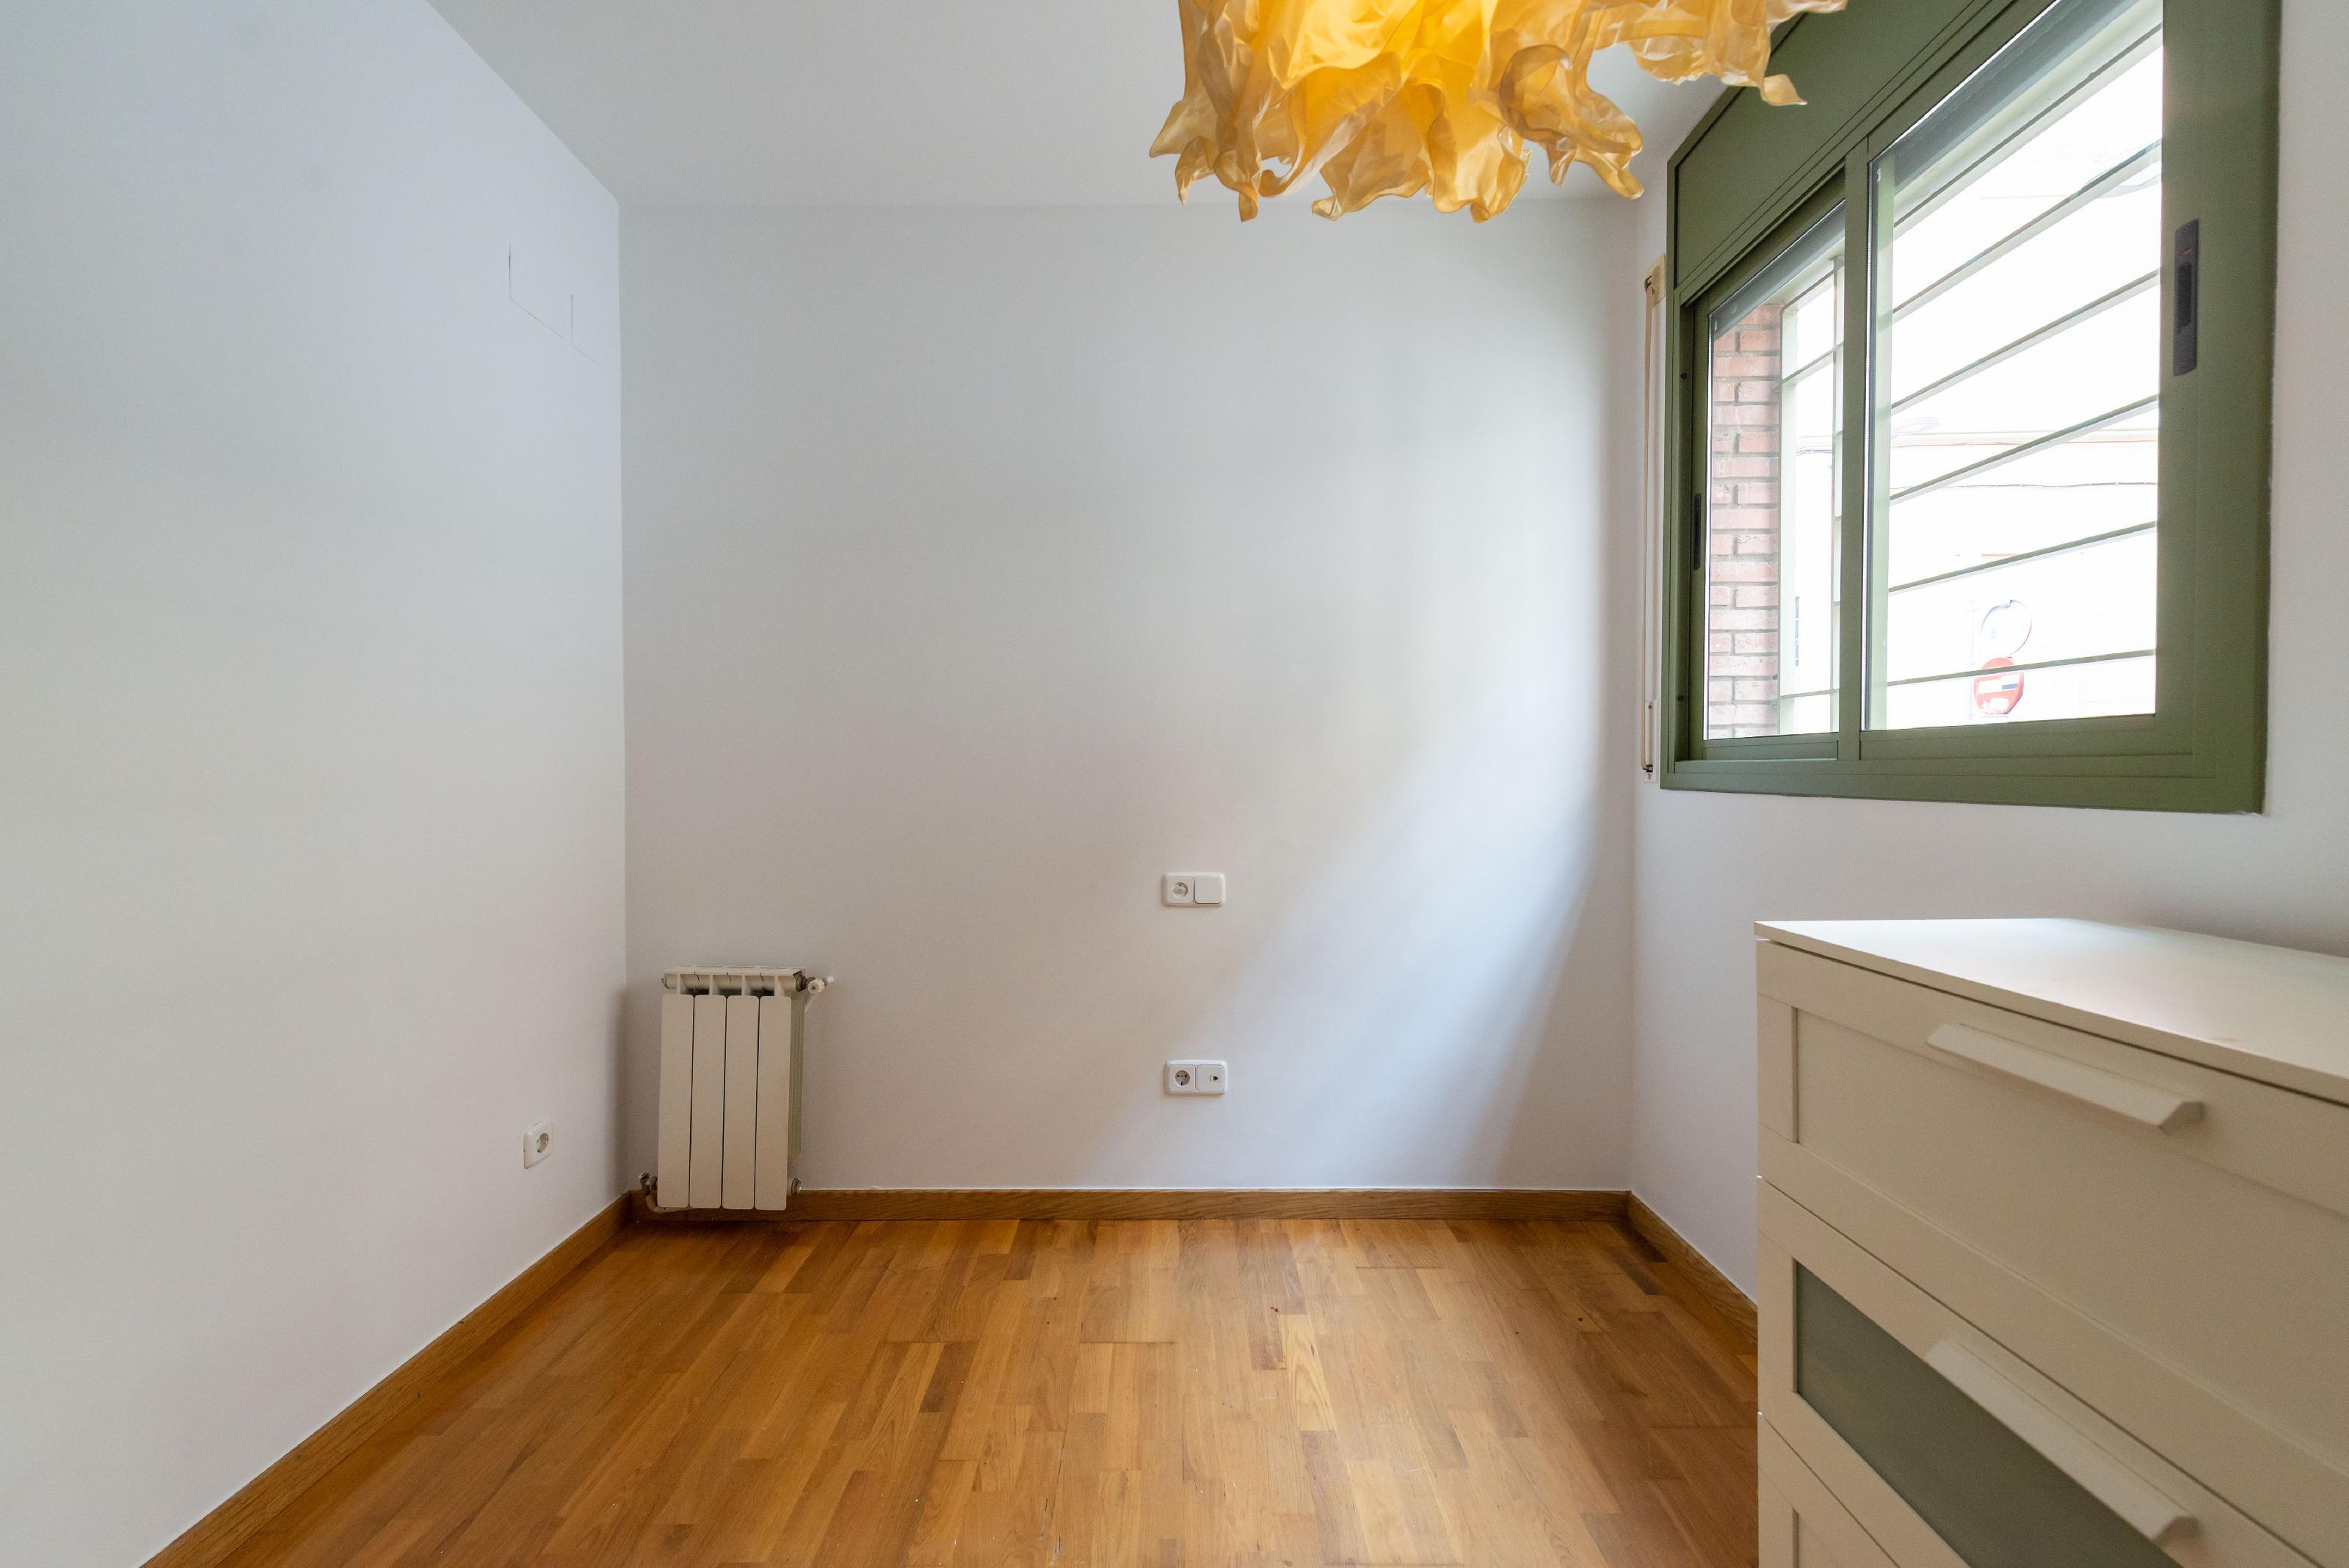 249634 House for sale in Gràcia, Vila de Gràcia 19